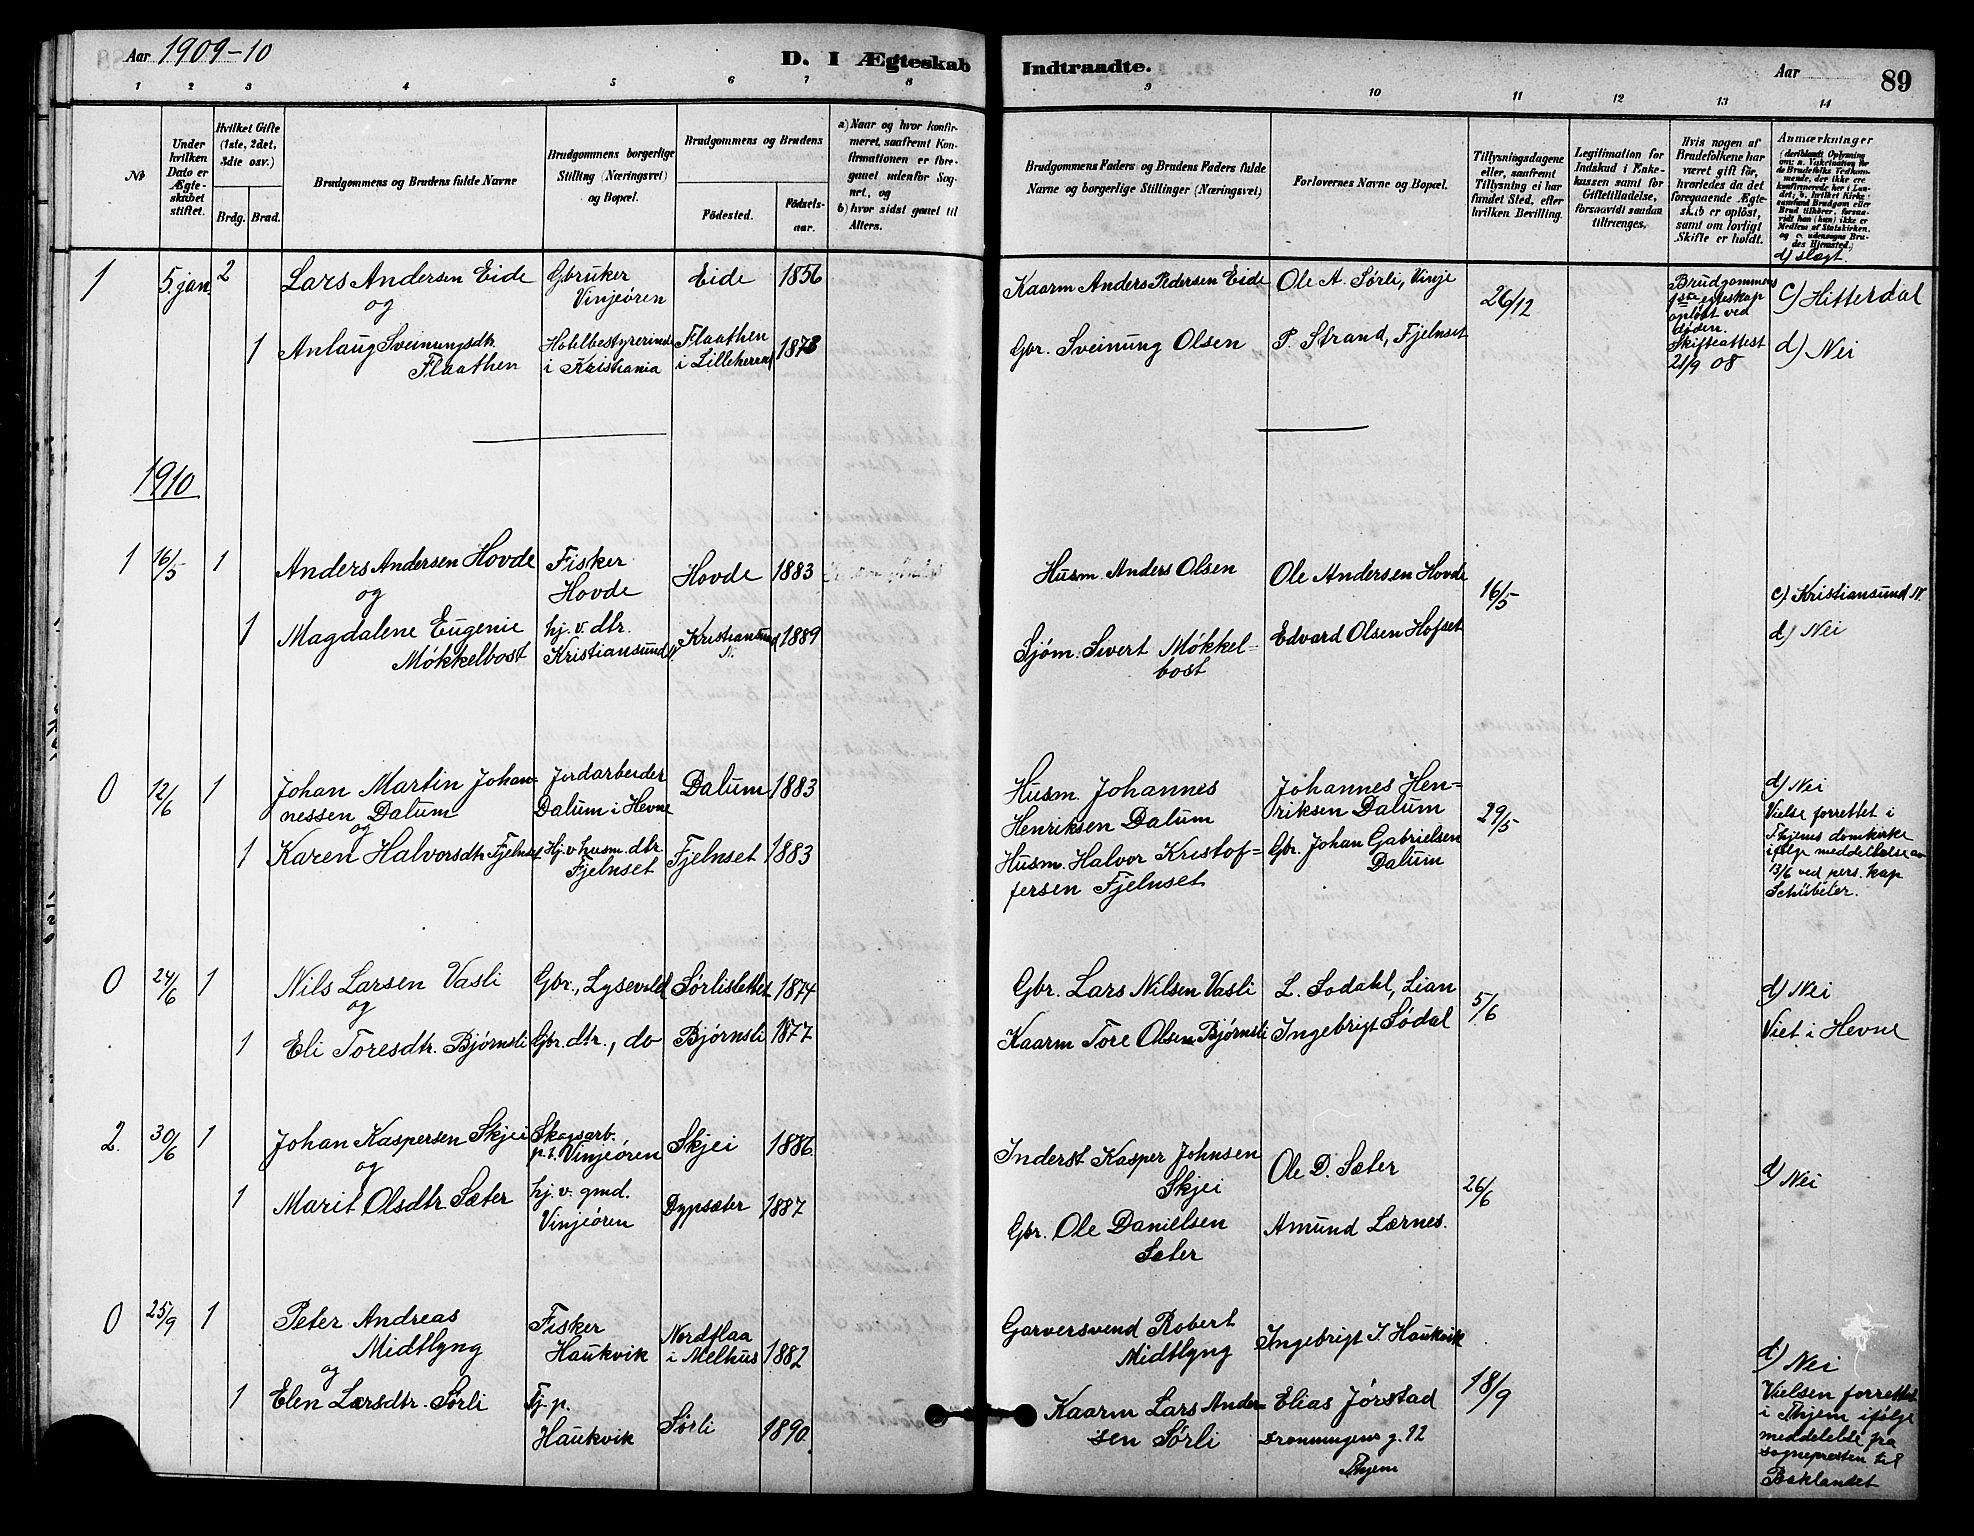 SAT, Ministerialprotokoller, klokkerbøker og fødselsregistre - Sør-Trøndelag, 631/L0514: Klokkerbok nr. 631C02, 1879-1912, s. 89